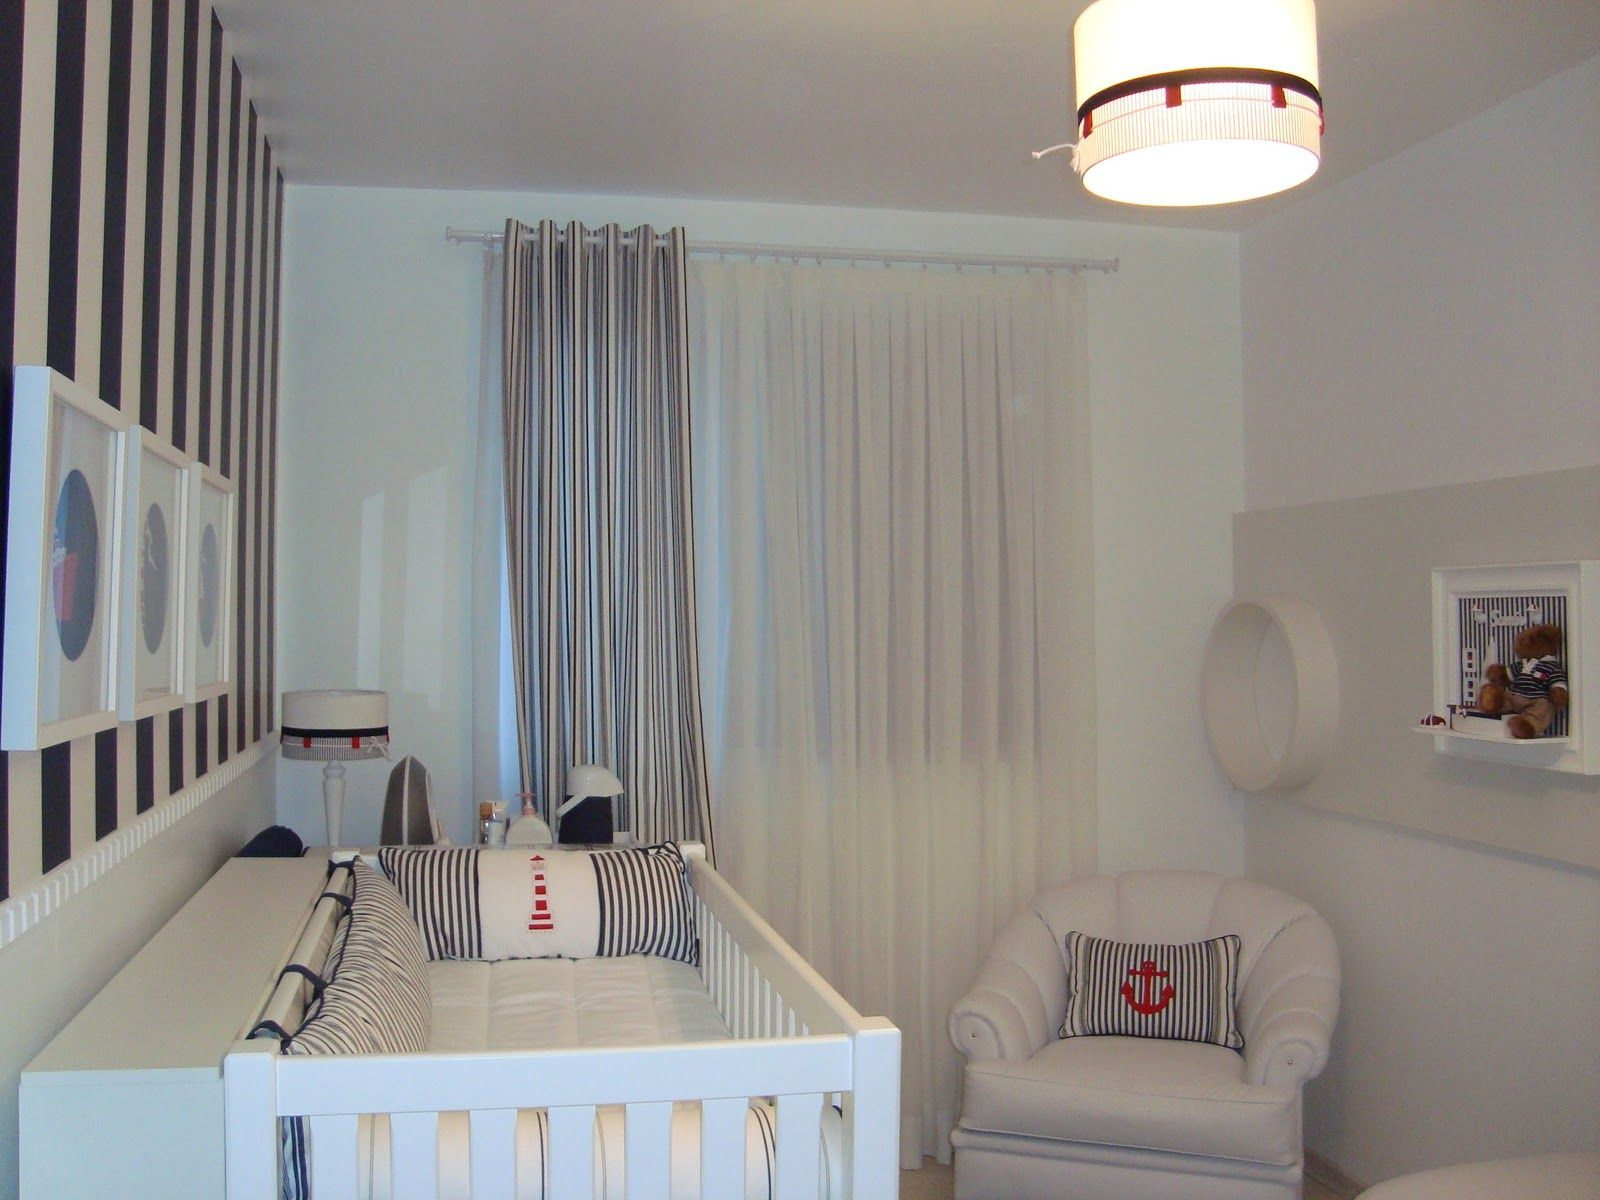 Quarto Bebe Baby Pinterest Quarto Bebe Bebe E Quartos ~ Decoração De Quarto De Bebe Pequeno